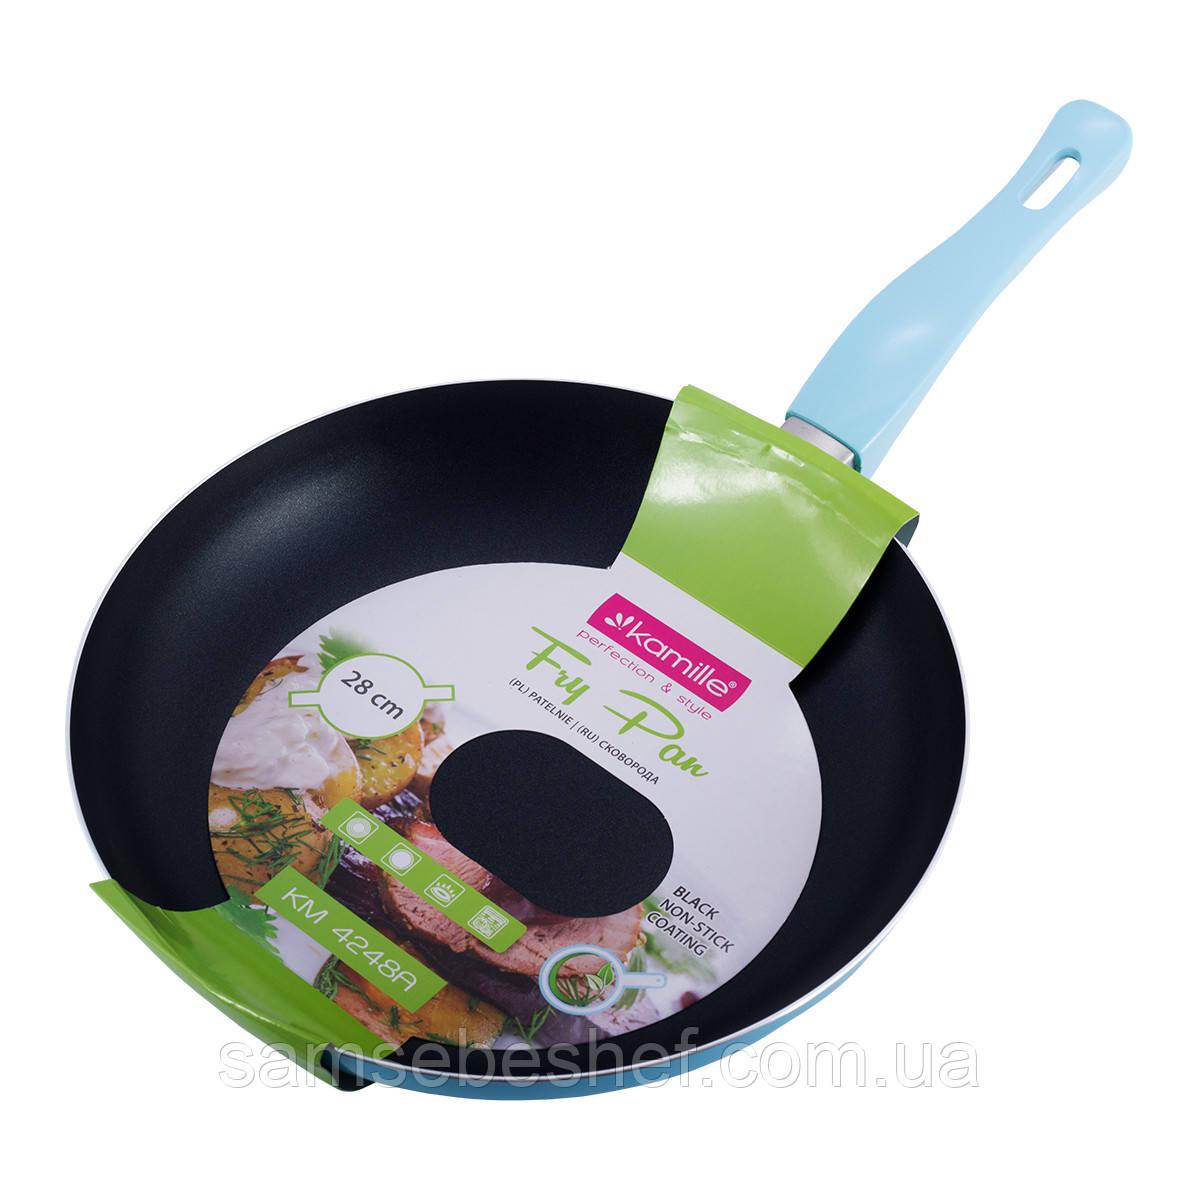 Сковорода Kamille Голубой 28см с антипригарным покрытием без крышки для индукции и газа KM-4248A